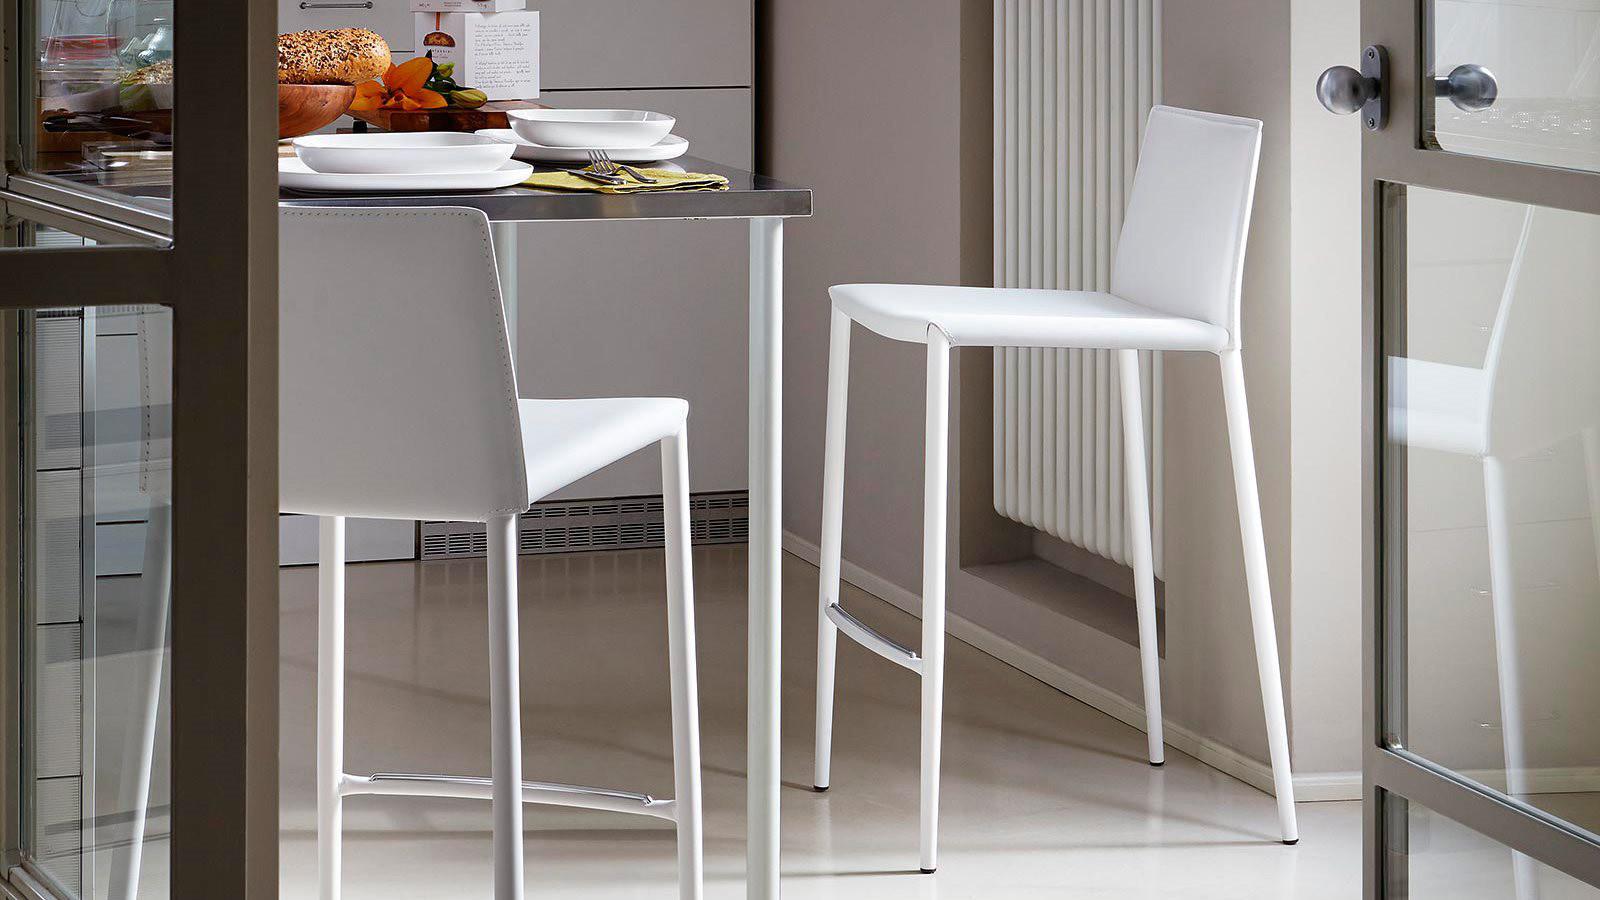 Sedie e tavoli brianza ~ bukadar.info = galleria di sedie foto e le